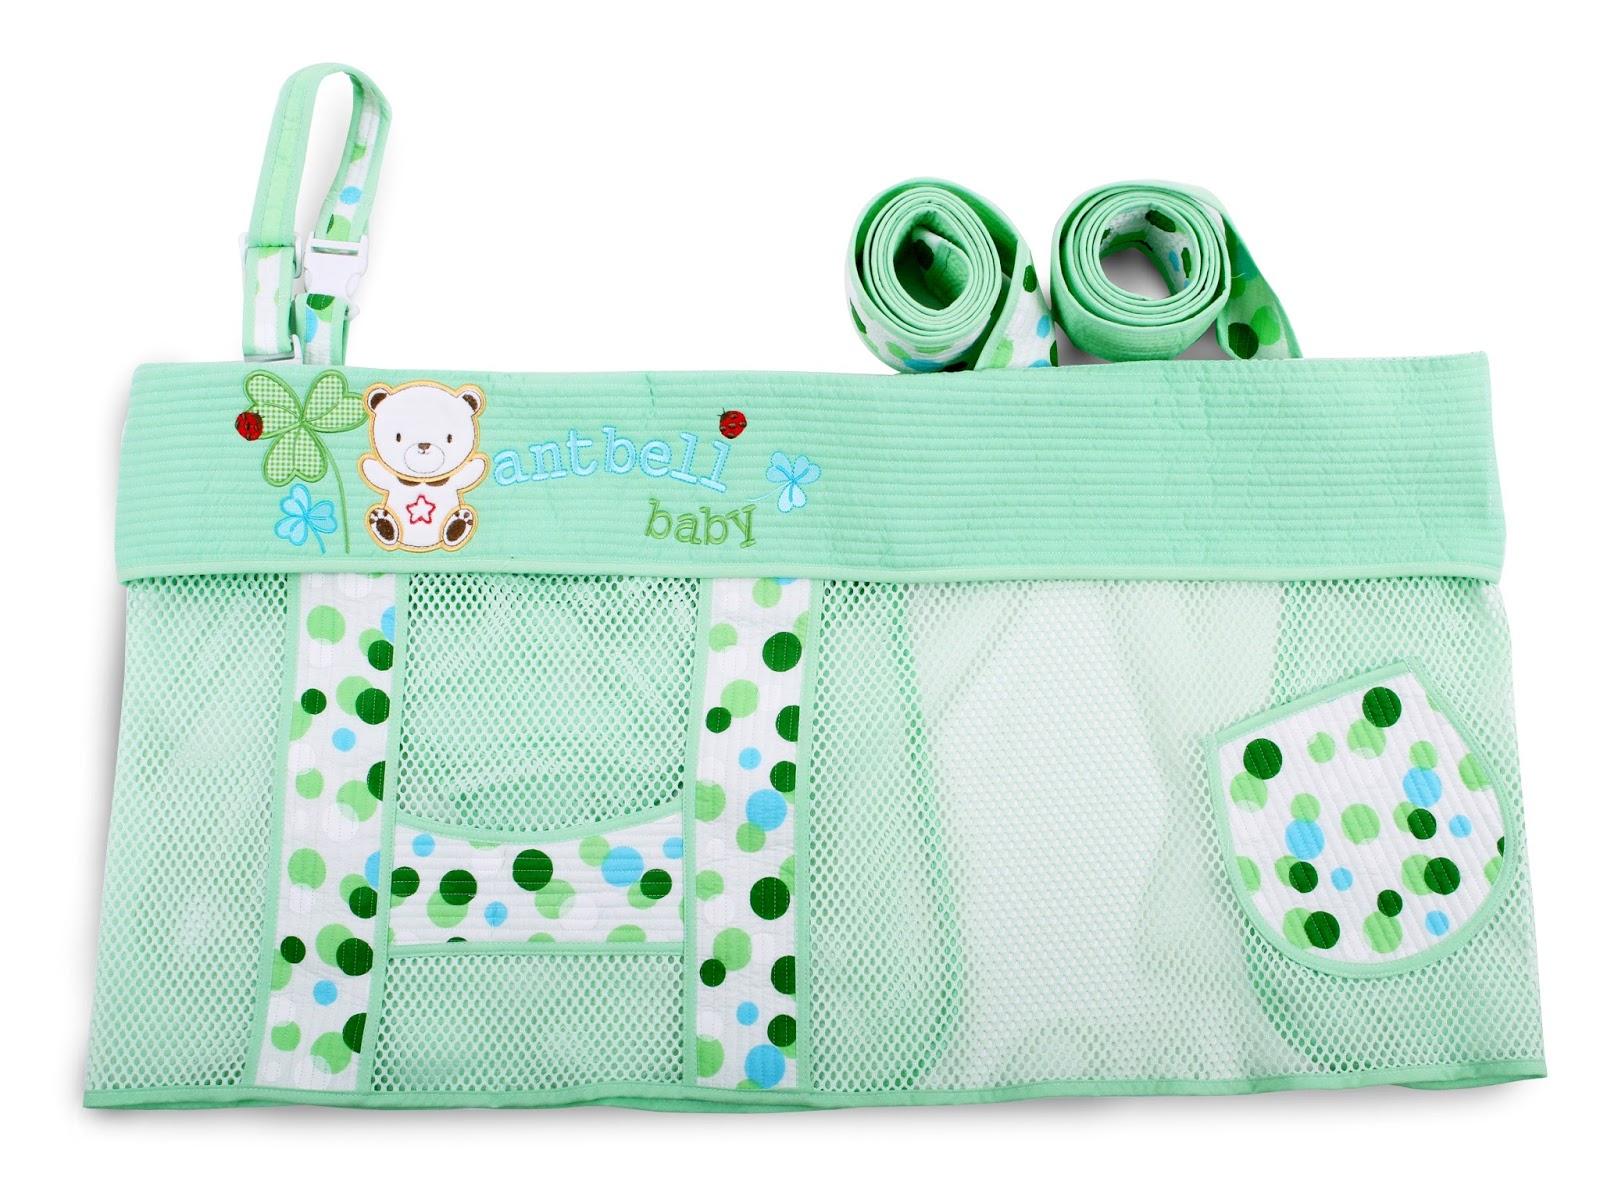 Summer Baby Carrier Podaegi Guide Instructions Korean Back Sling